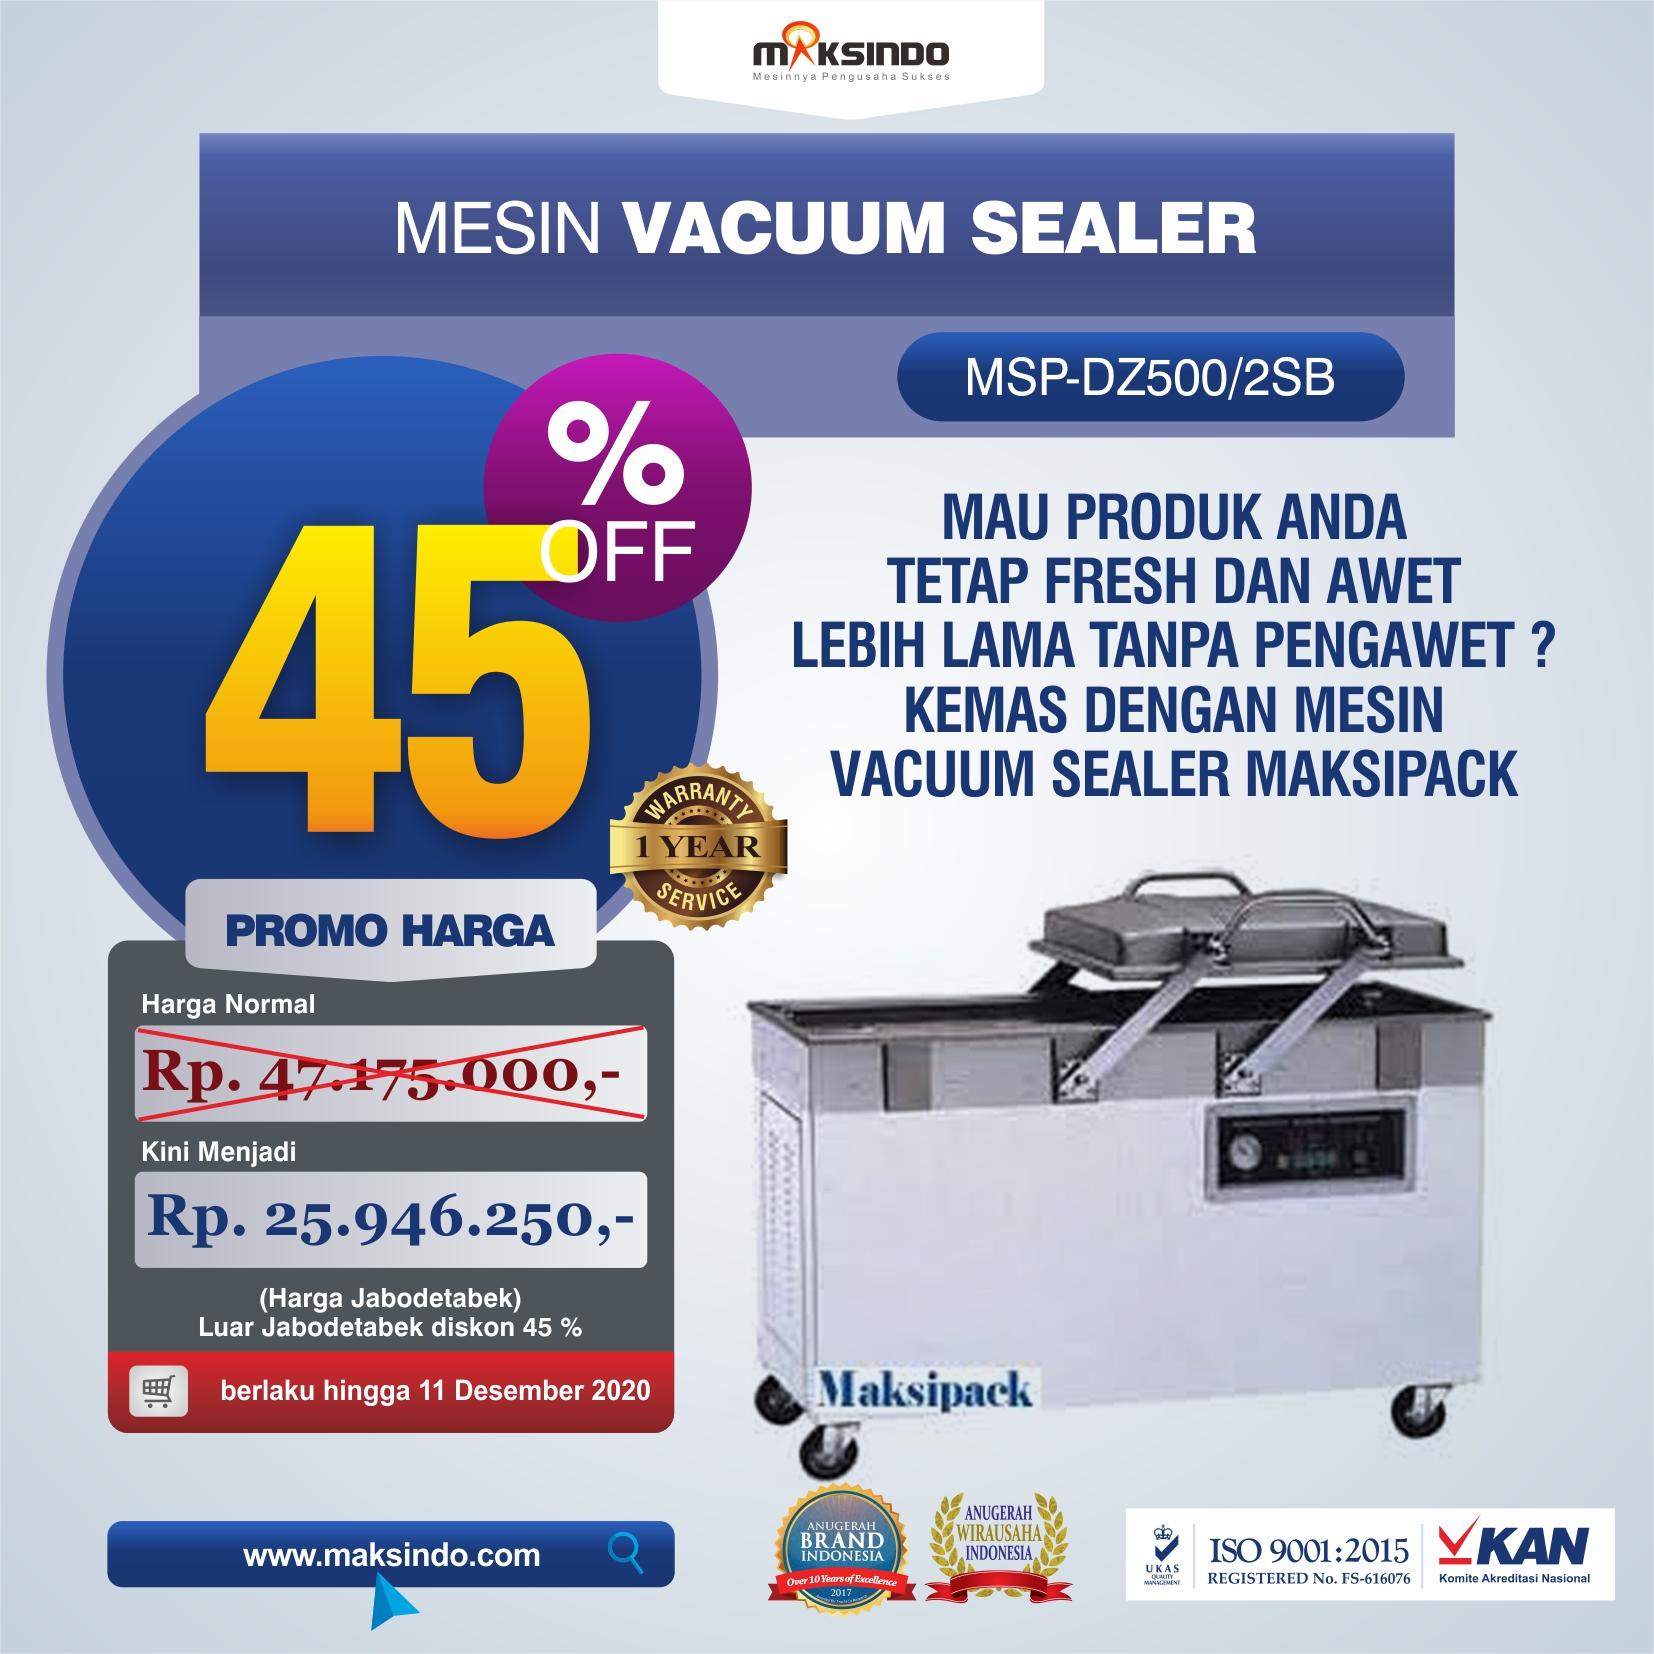 Jual Mesin Vacuum Sealer Type DZ-500/2SB di Tangerang